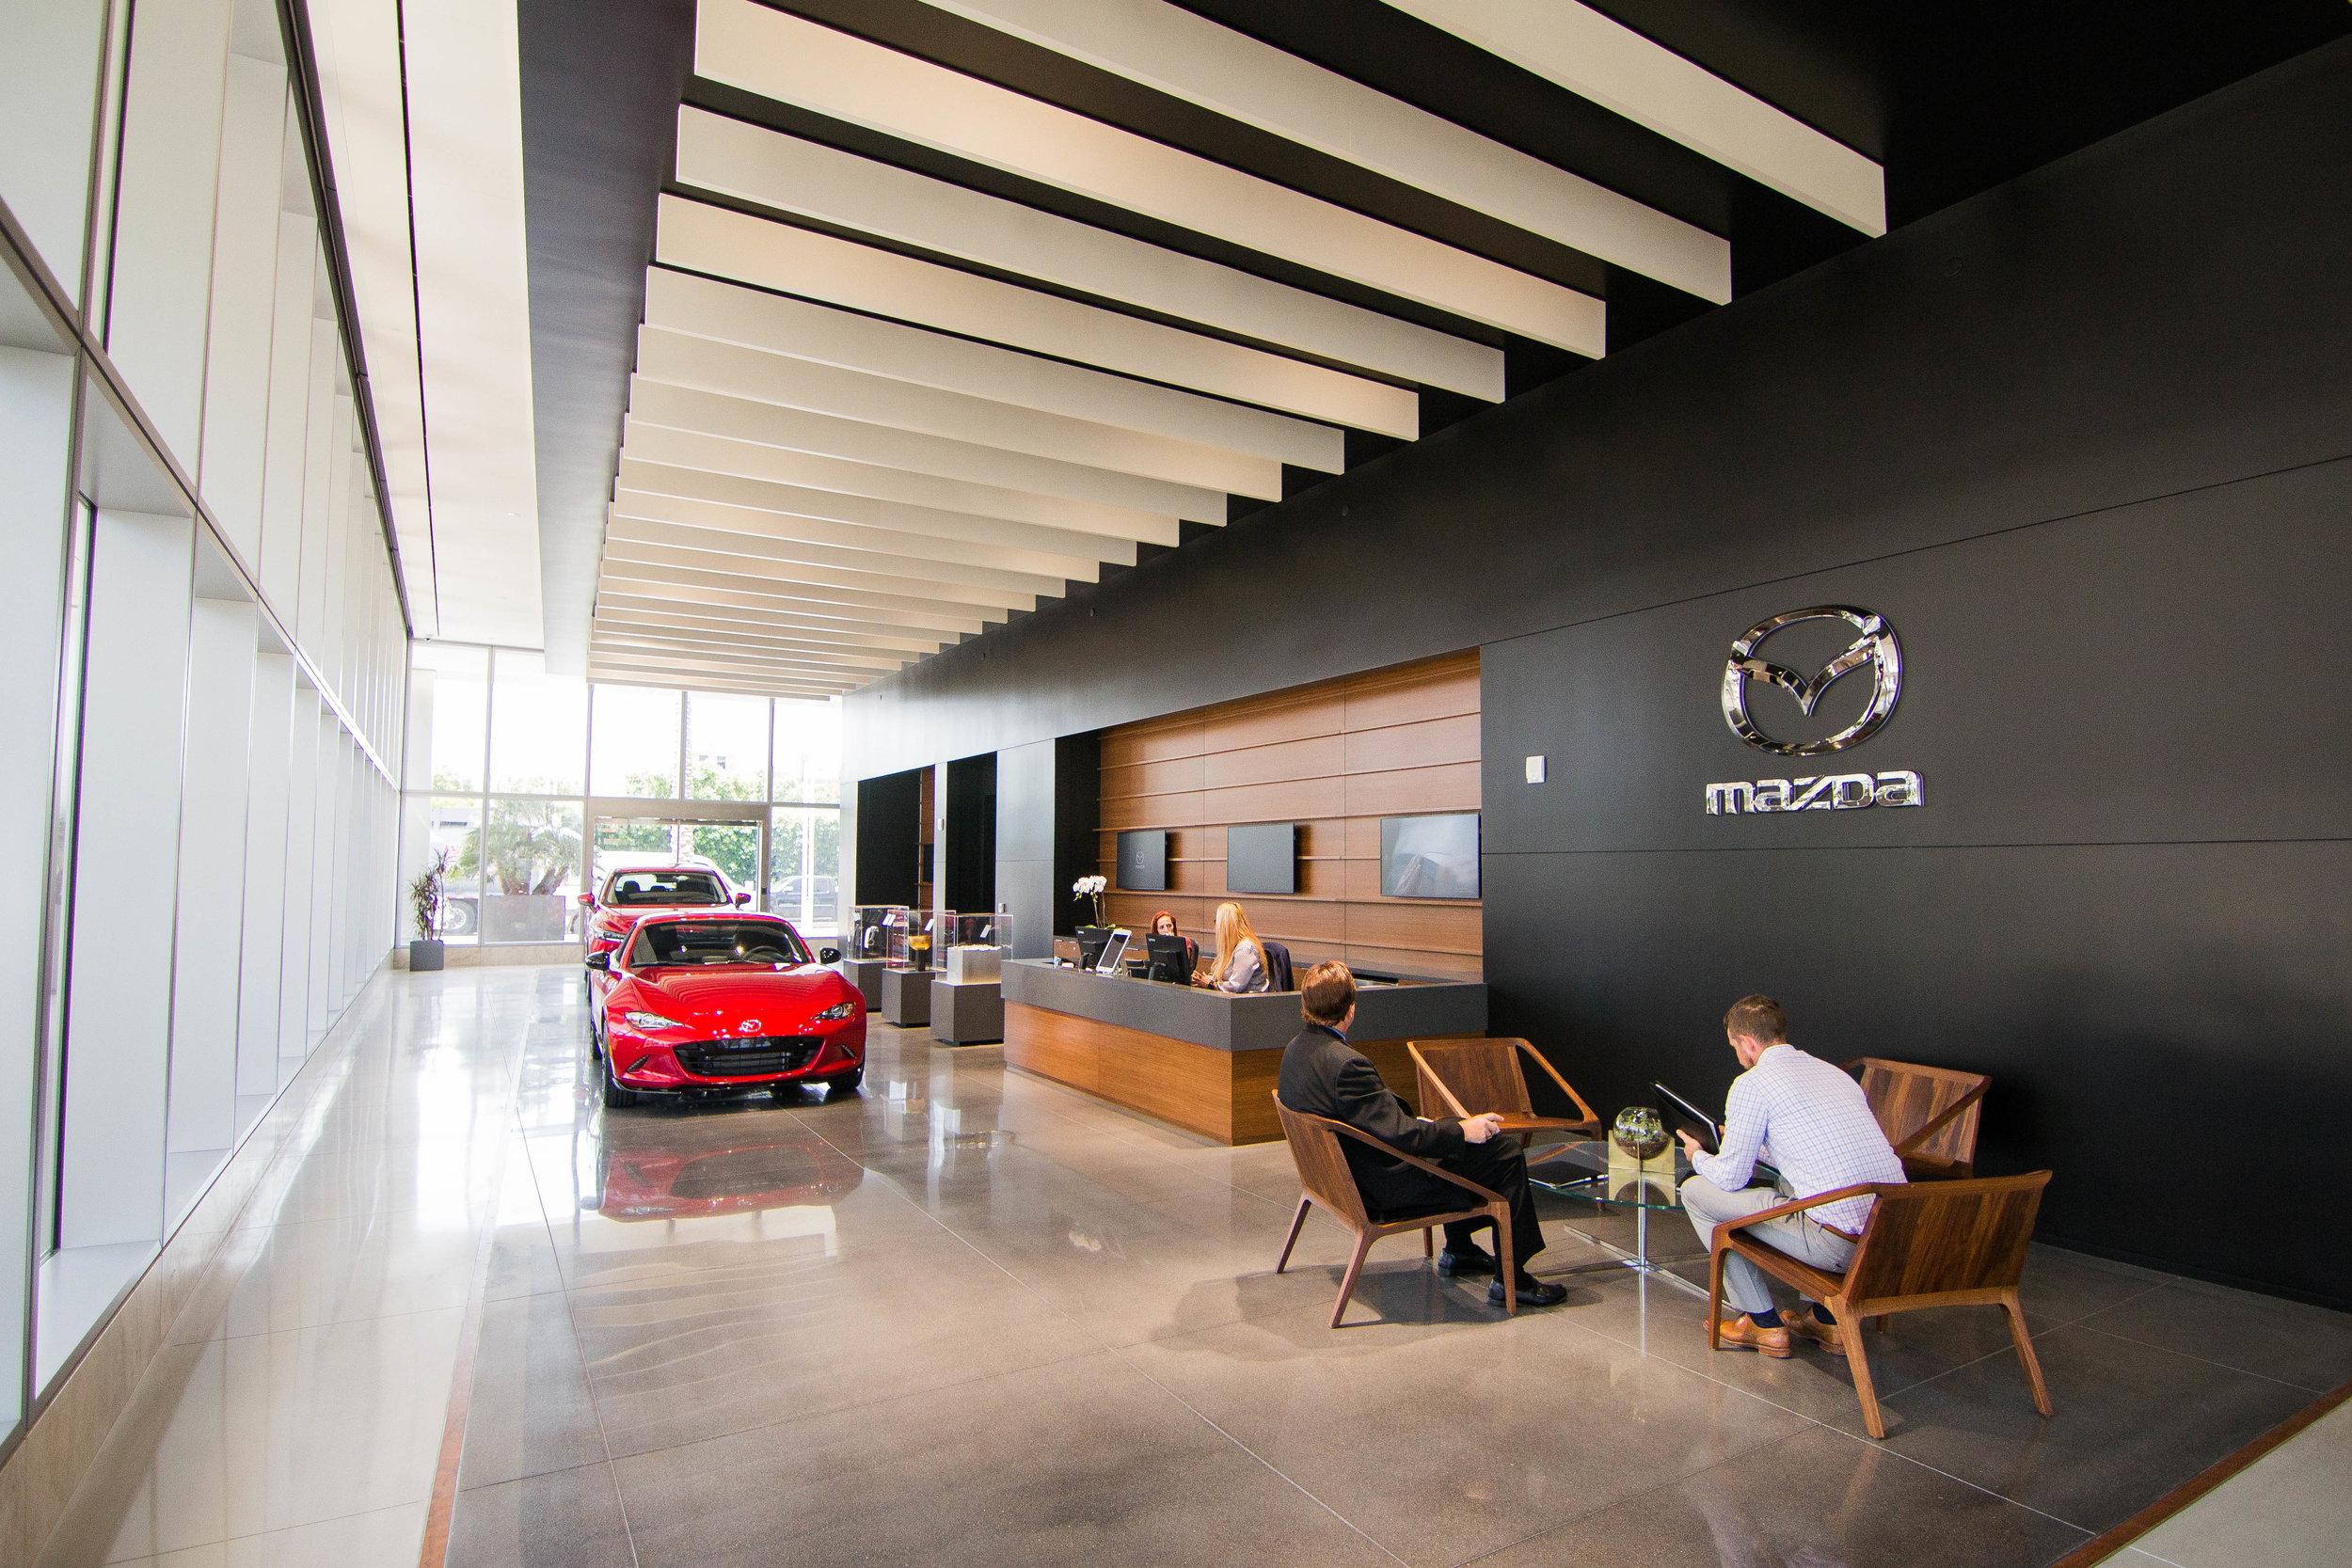 2017-07-17 2260 Mazda (2).jpg